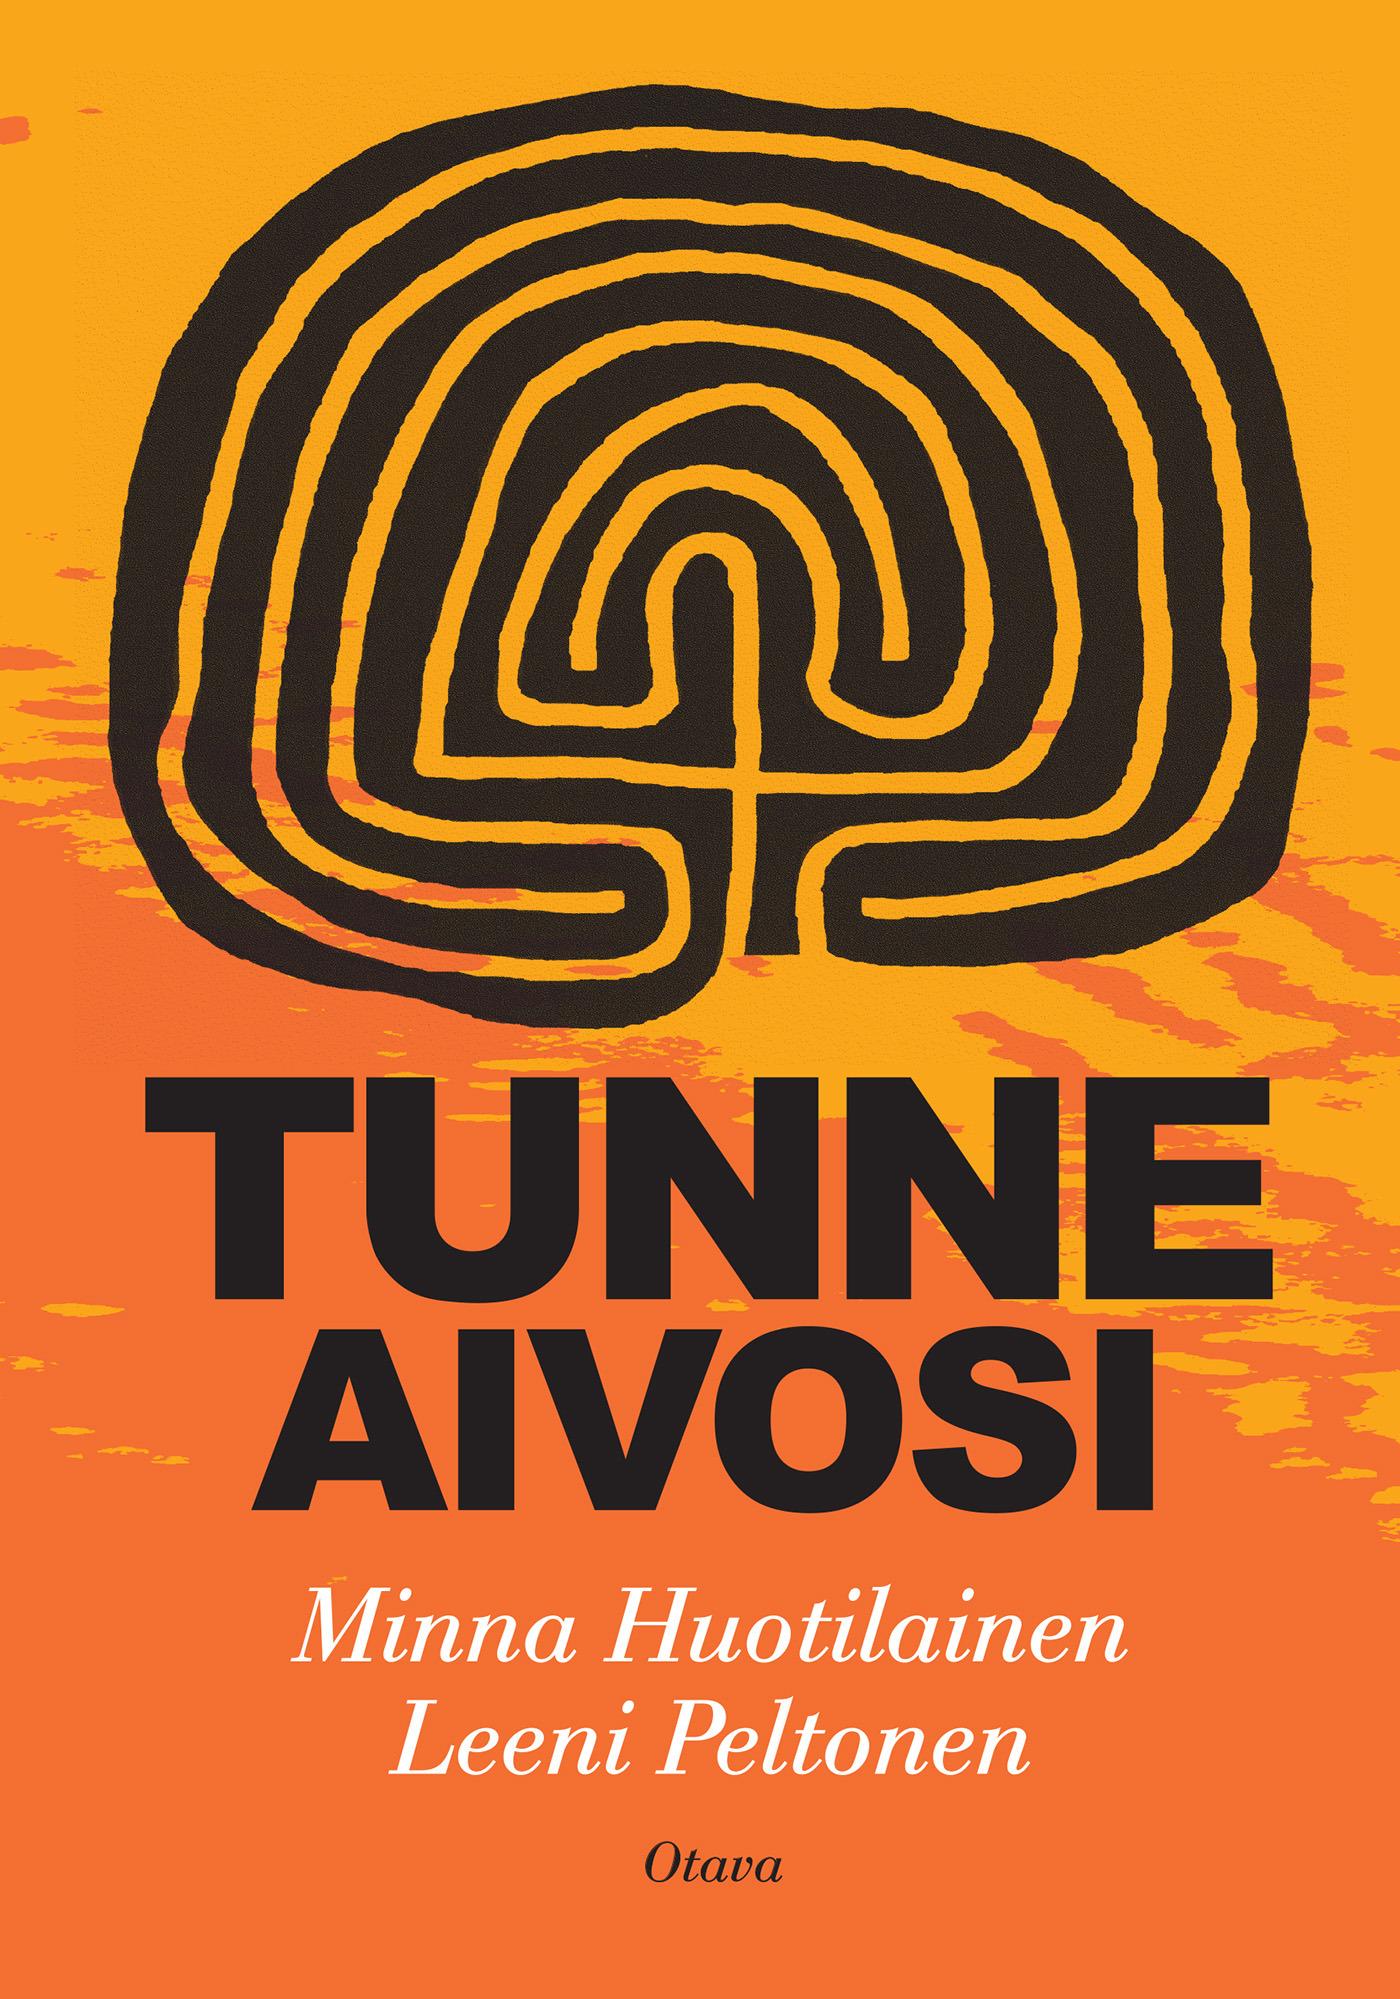 Huotilainen, Minna - Tunne aivosi, e-kirja